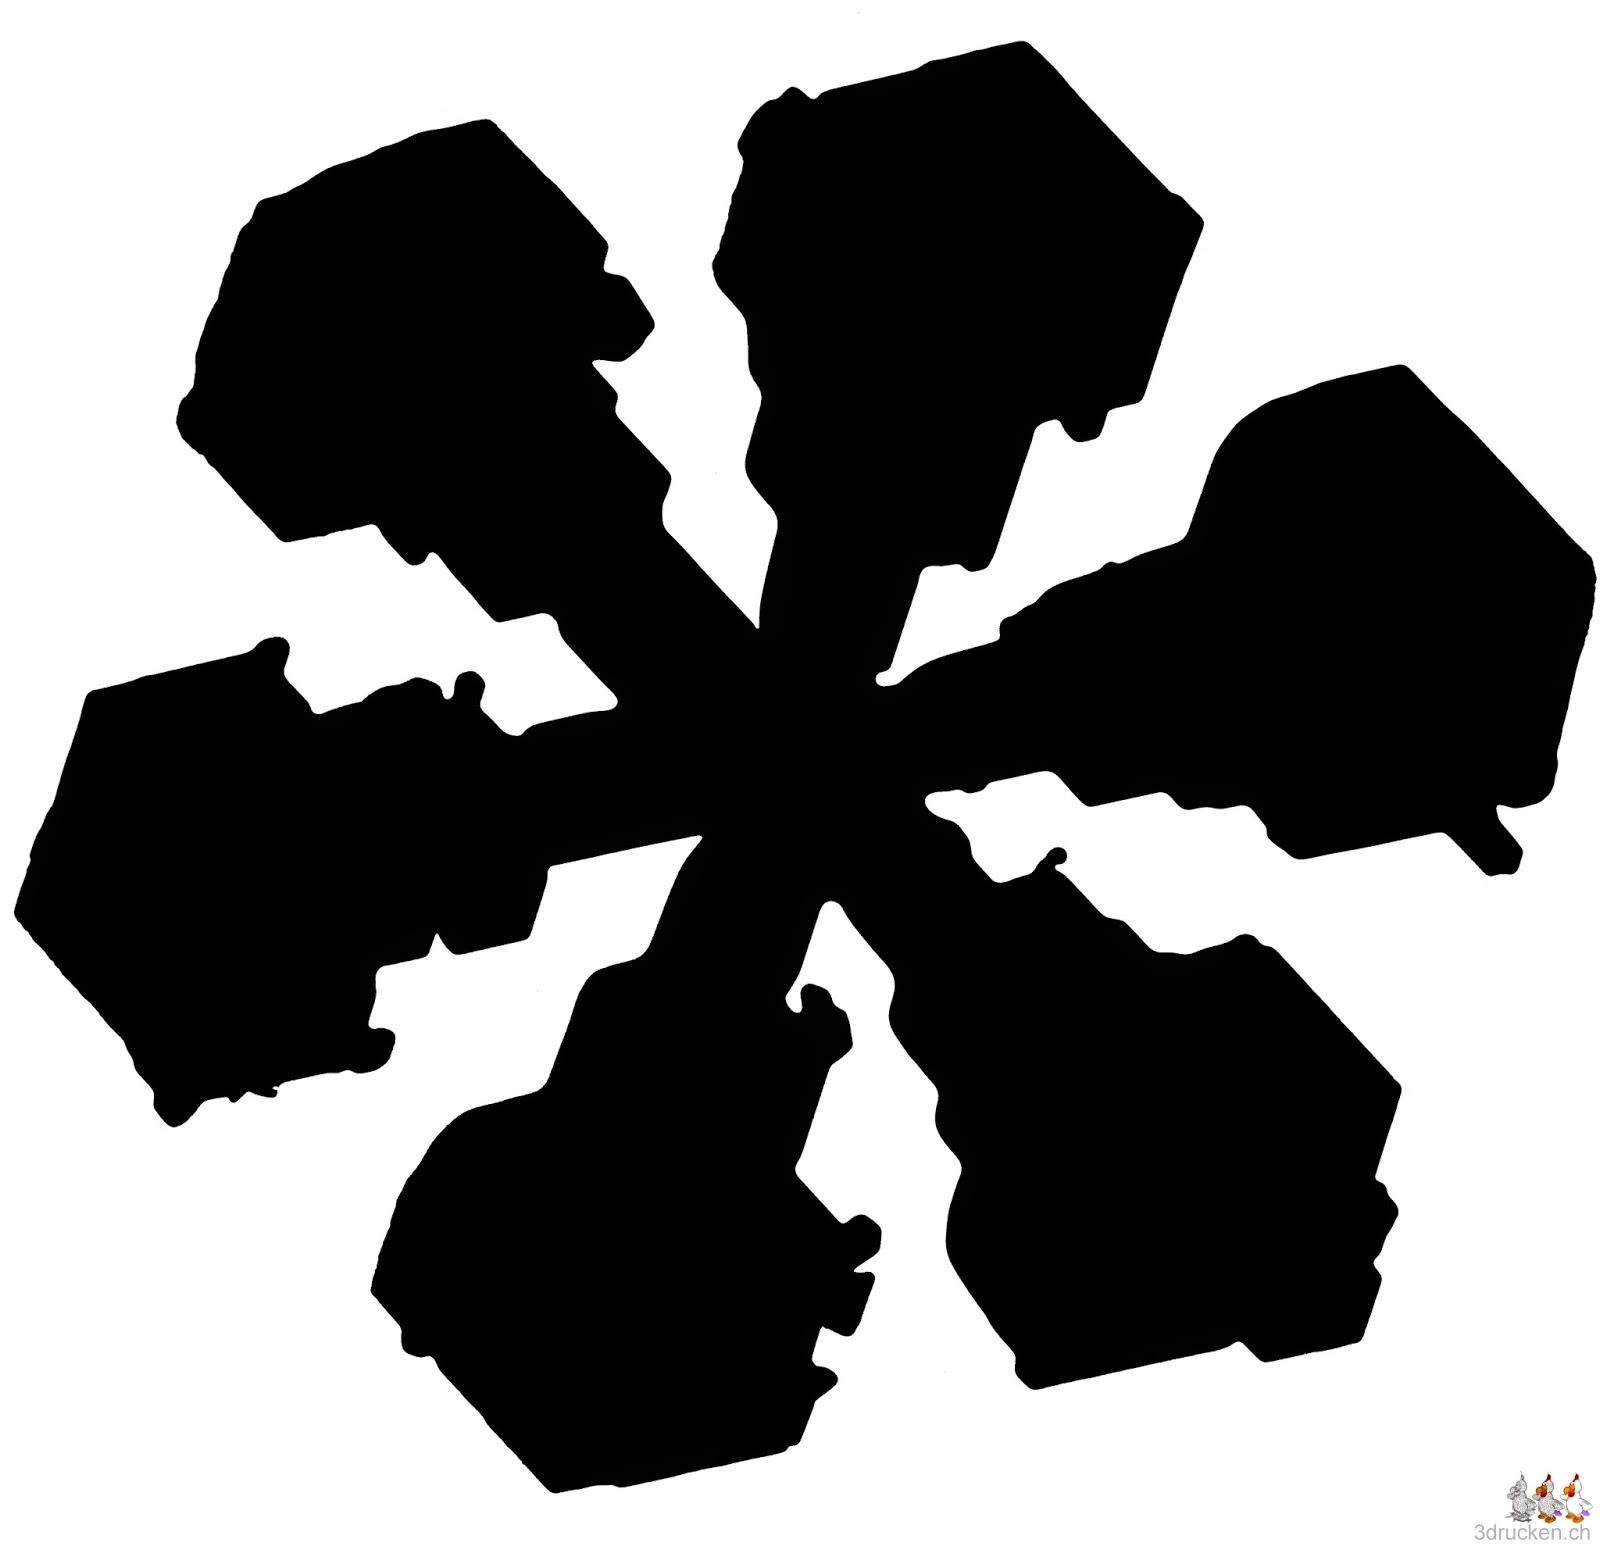 Dendritischer Stern mit Verbreiterungen der Astenden in schwarz-weiss